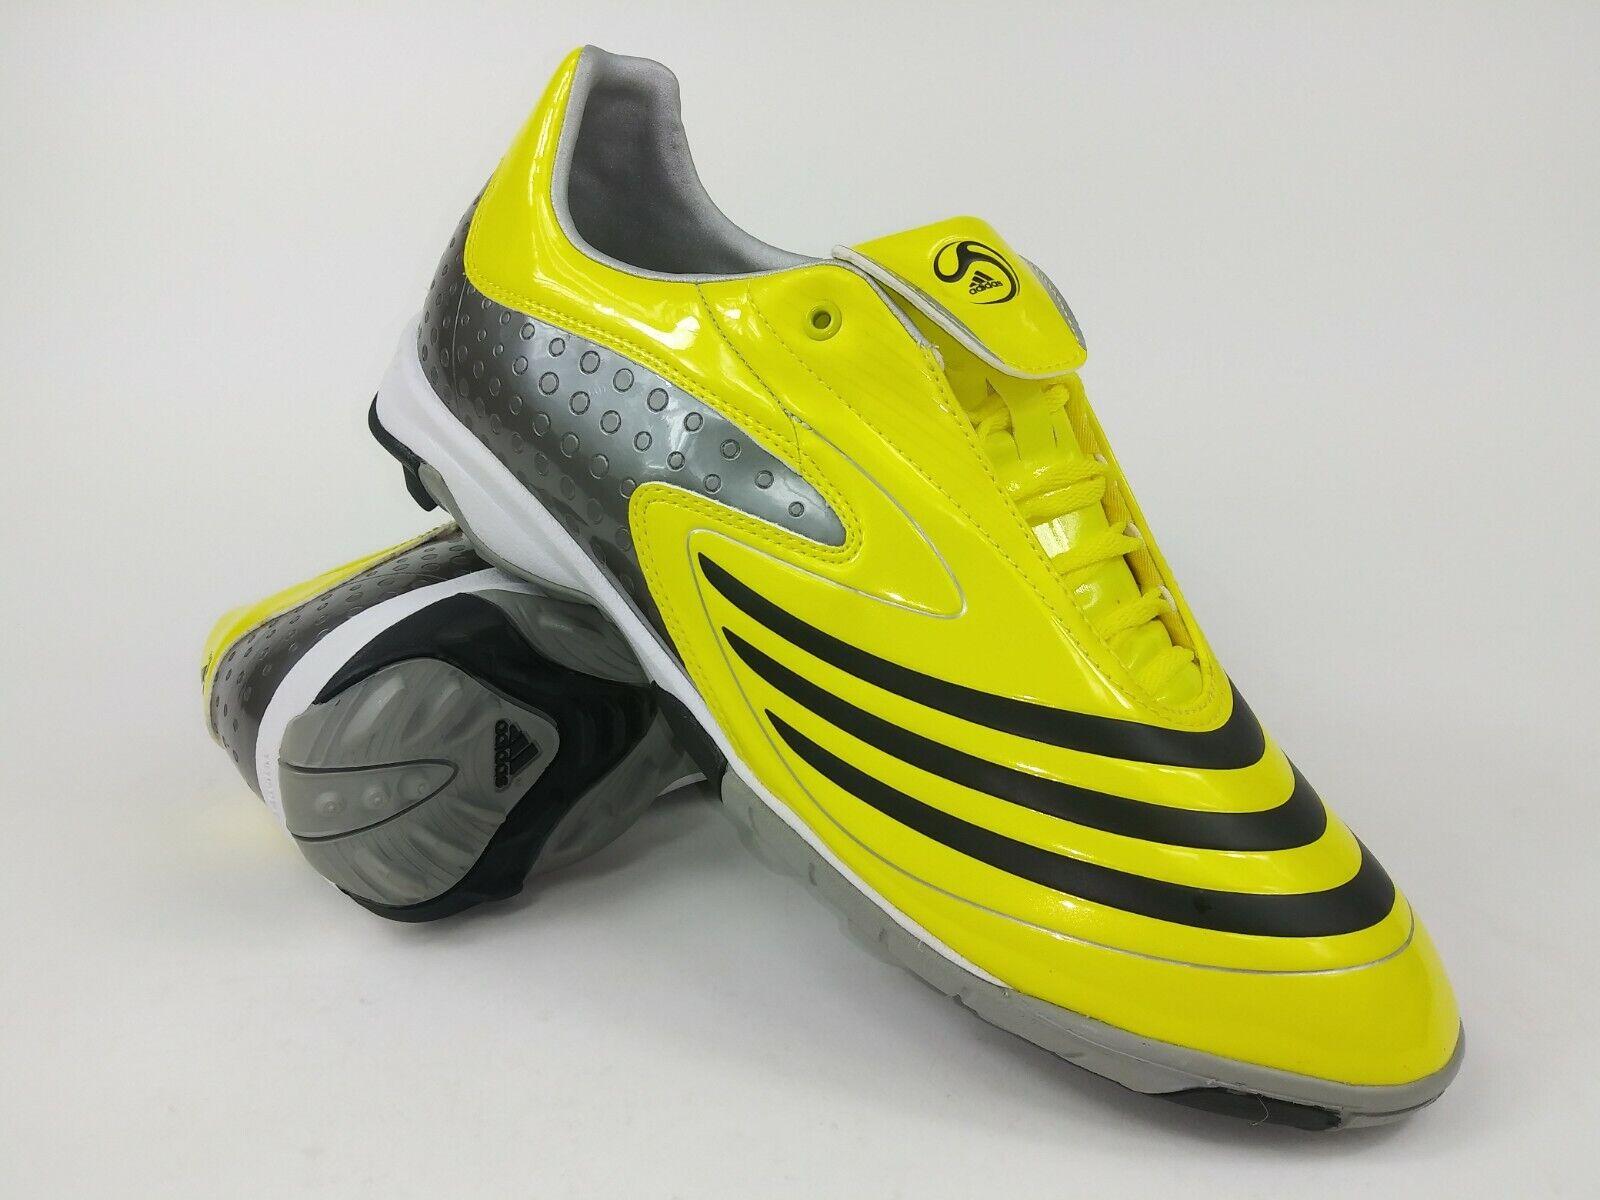 Adidas Hombre Raro F10.8 TRX Tf Amarillo gris 359006 Fútbol Soccer Zapatos Talla